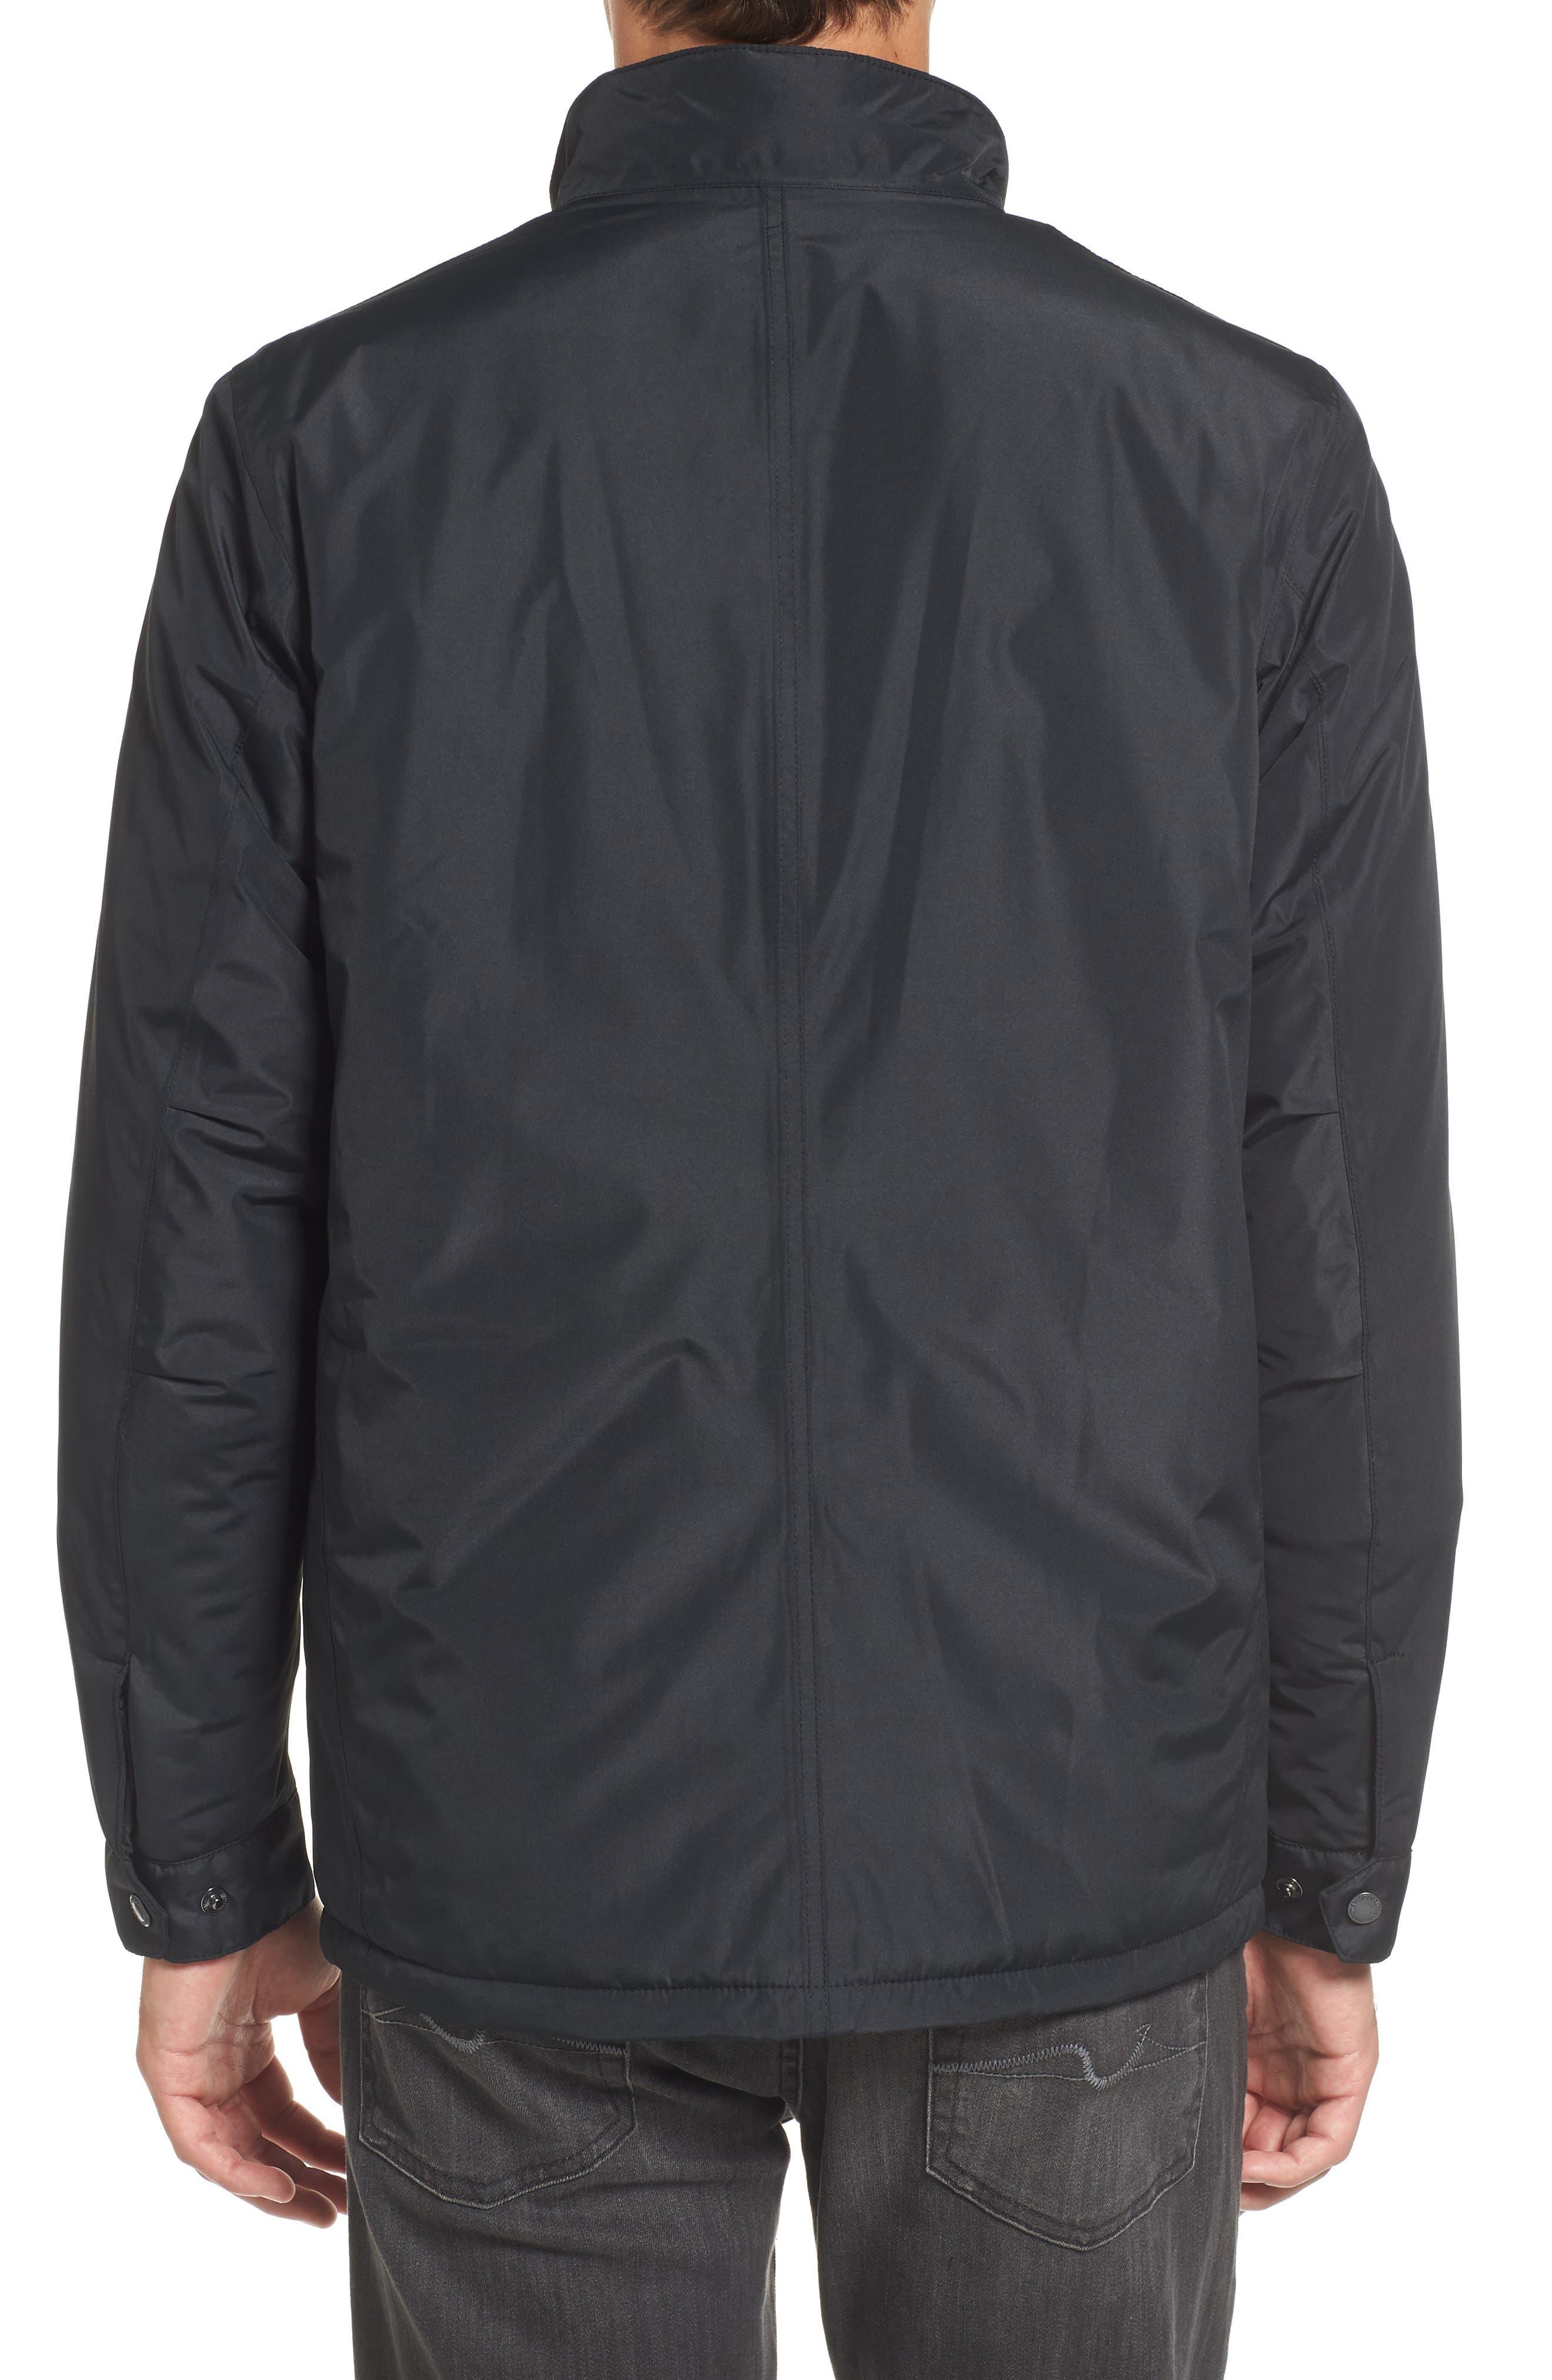 B.Intl Tyne Waterproof Jacket,                             Alternate thumbnail 2, color,                             001